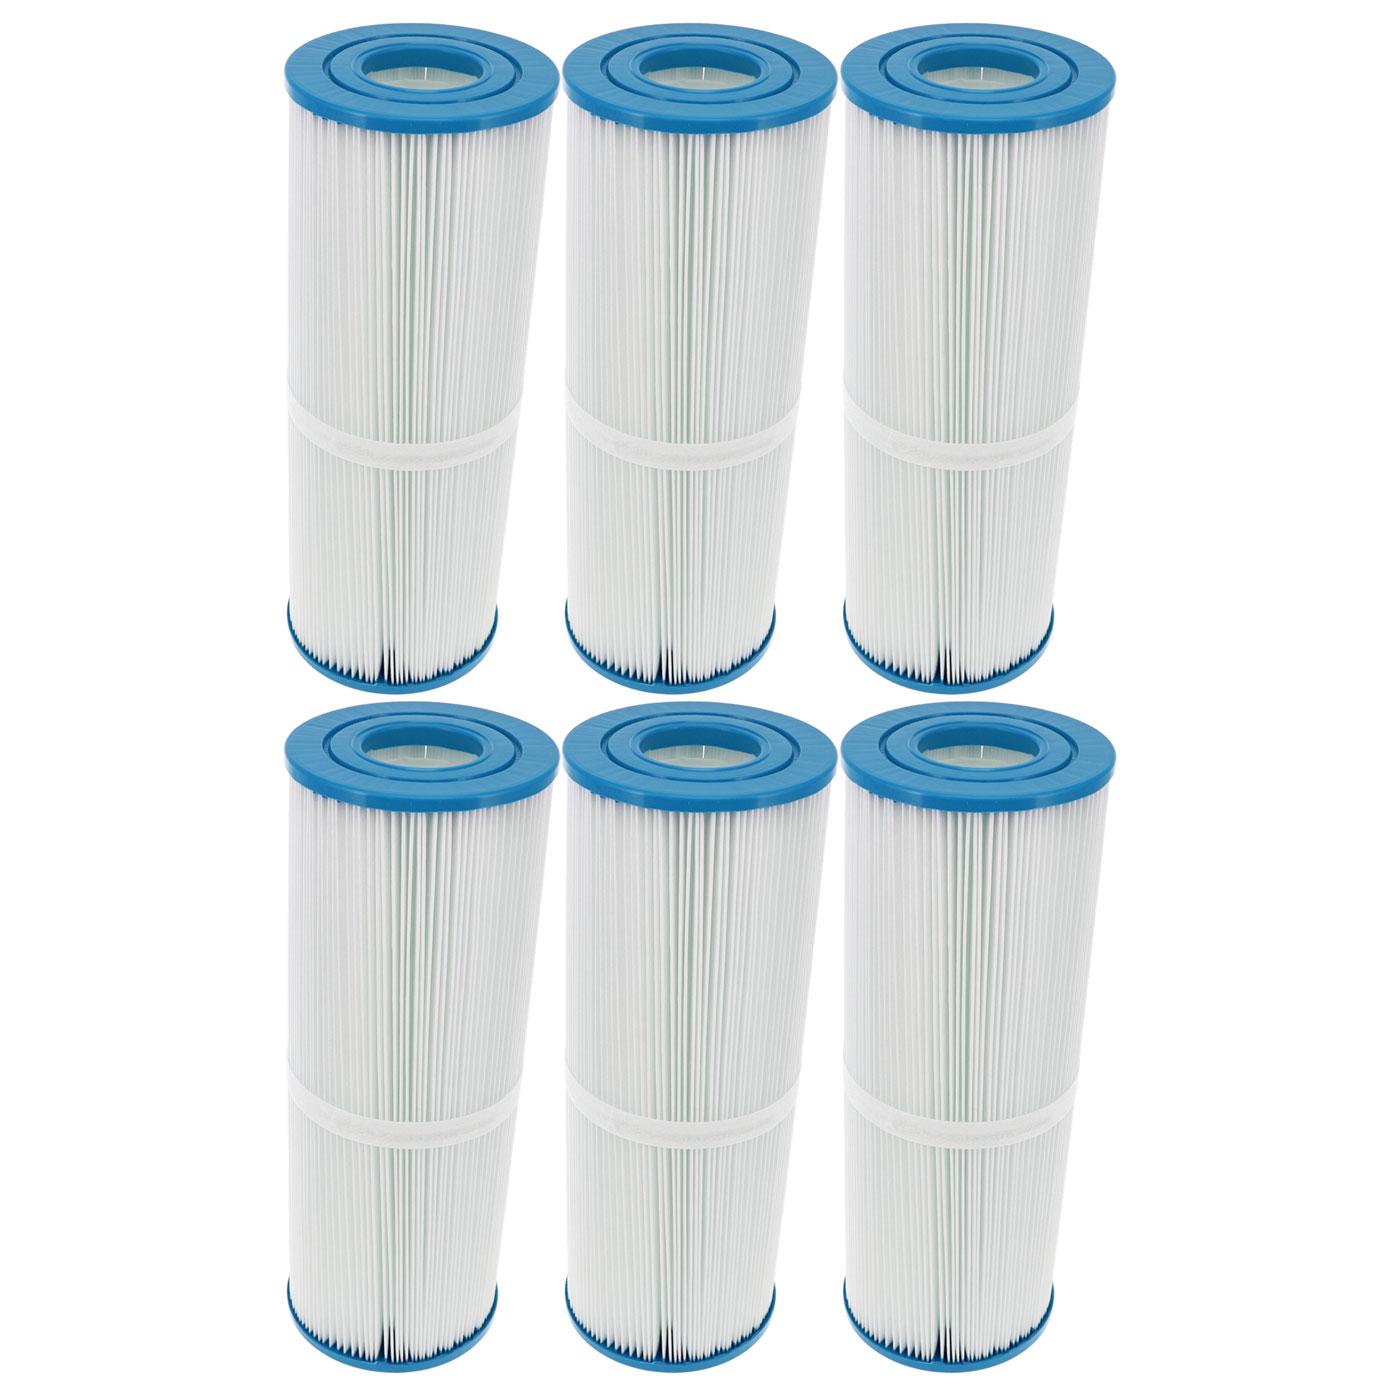 Lot de 6 filtres spa (42513 / C-4326 / T-4326 / PRB25-IN / FC-2375)